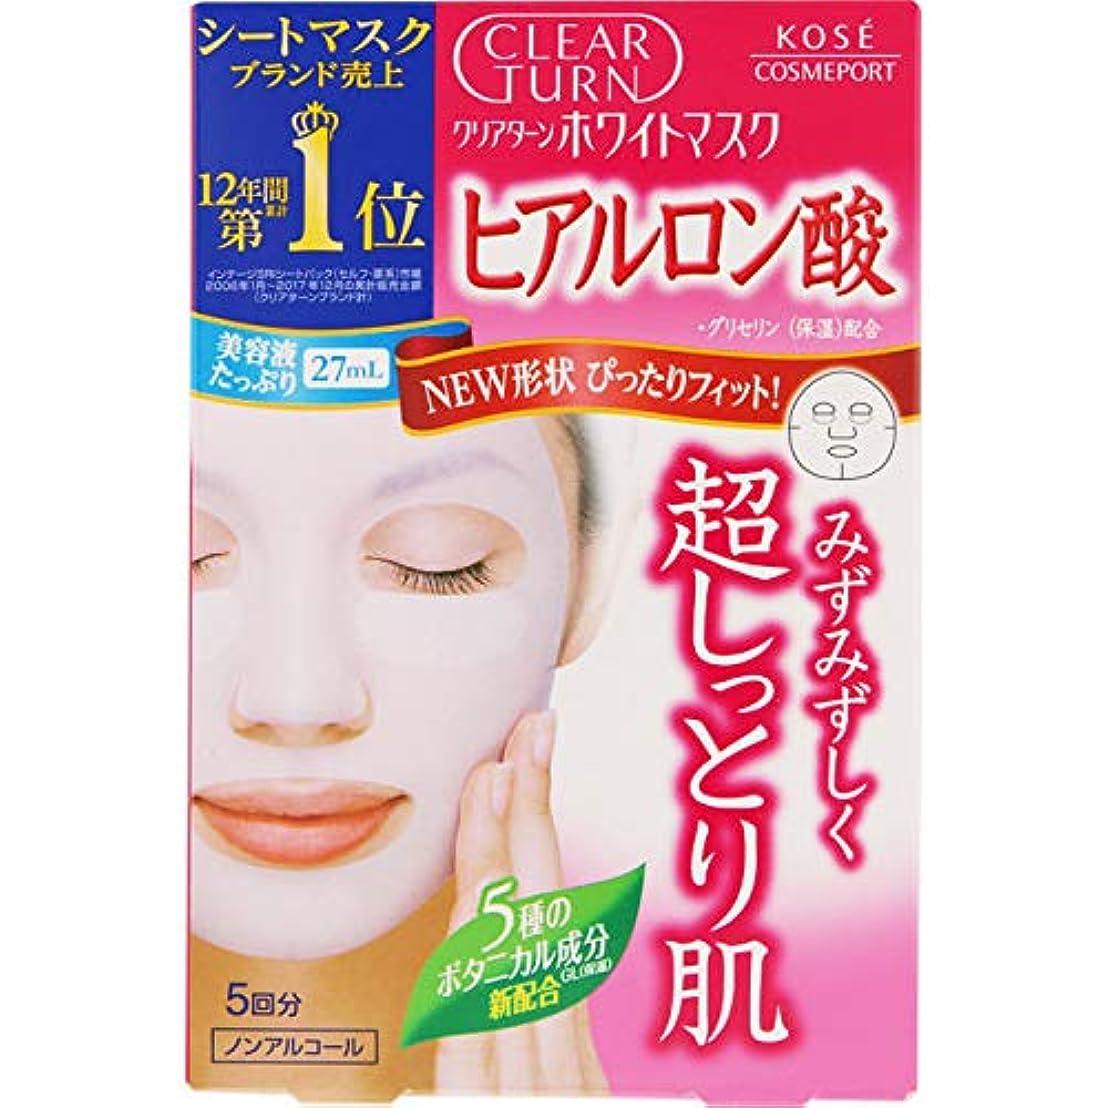 乳剤薬剤師類人猿コーセー クリアターン ホワイト マスク(ヒアルロン酸) 5回分